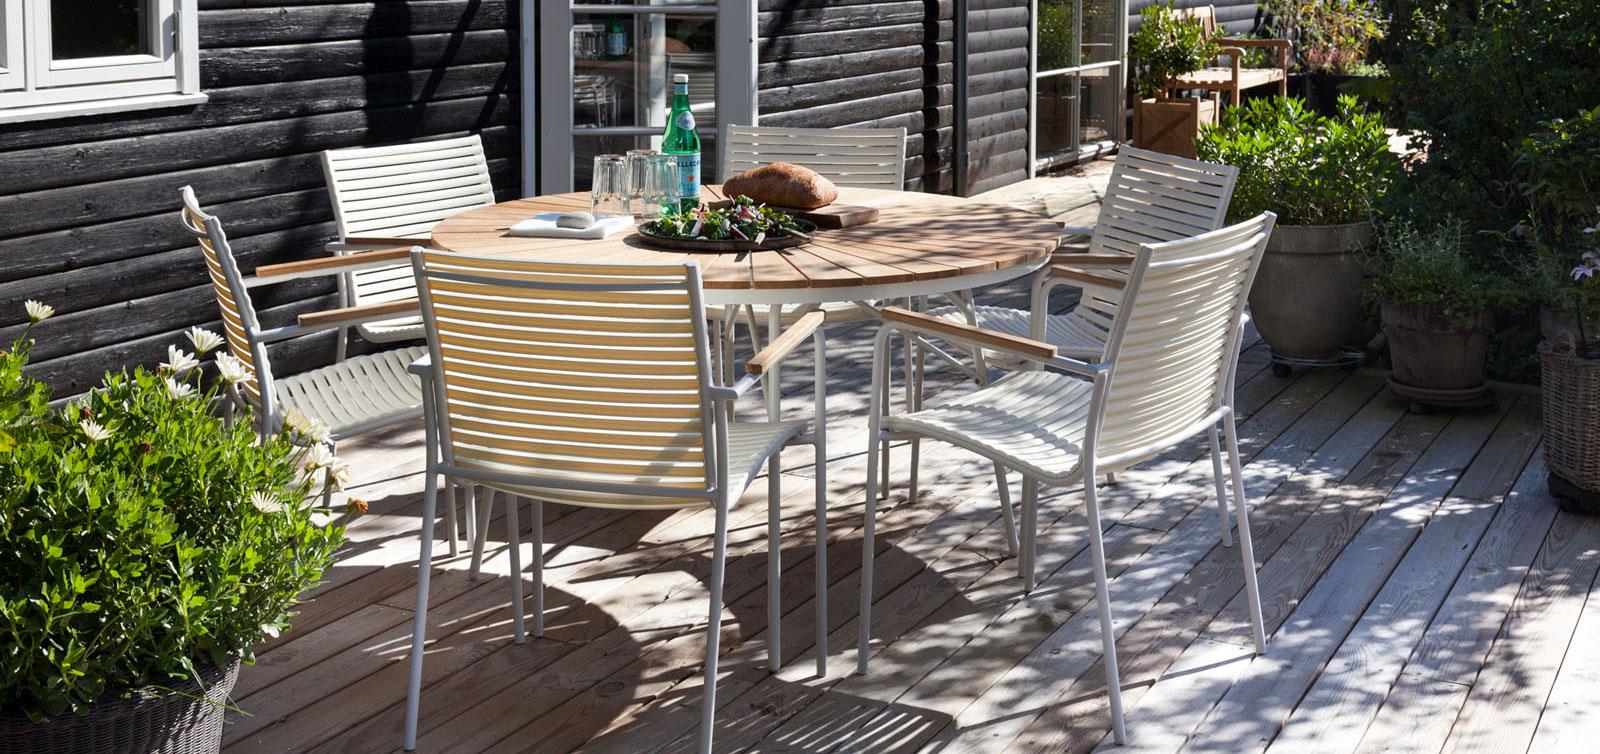 Full Size of Loungemöbel Aluminium Einzigartige Teak Gartenmbel Direkt Vom Hersteller Teakoutlet Garten Holz Fenster Verbundplatte Küche Günstig Wohnzimmer Loungemöbel Aluminium